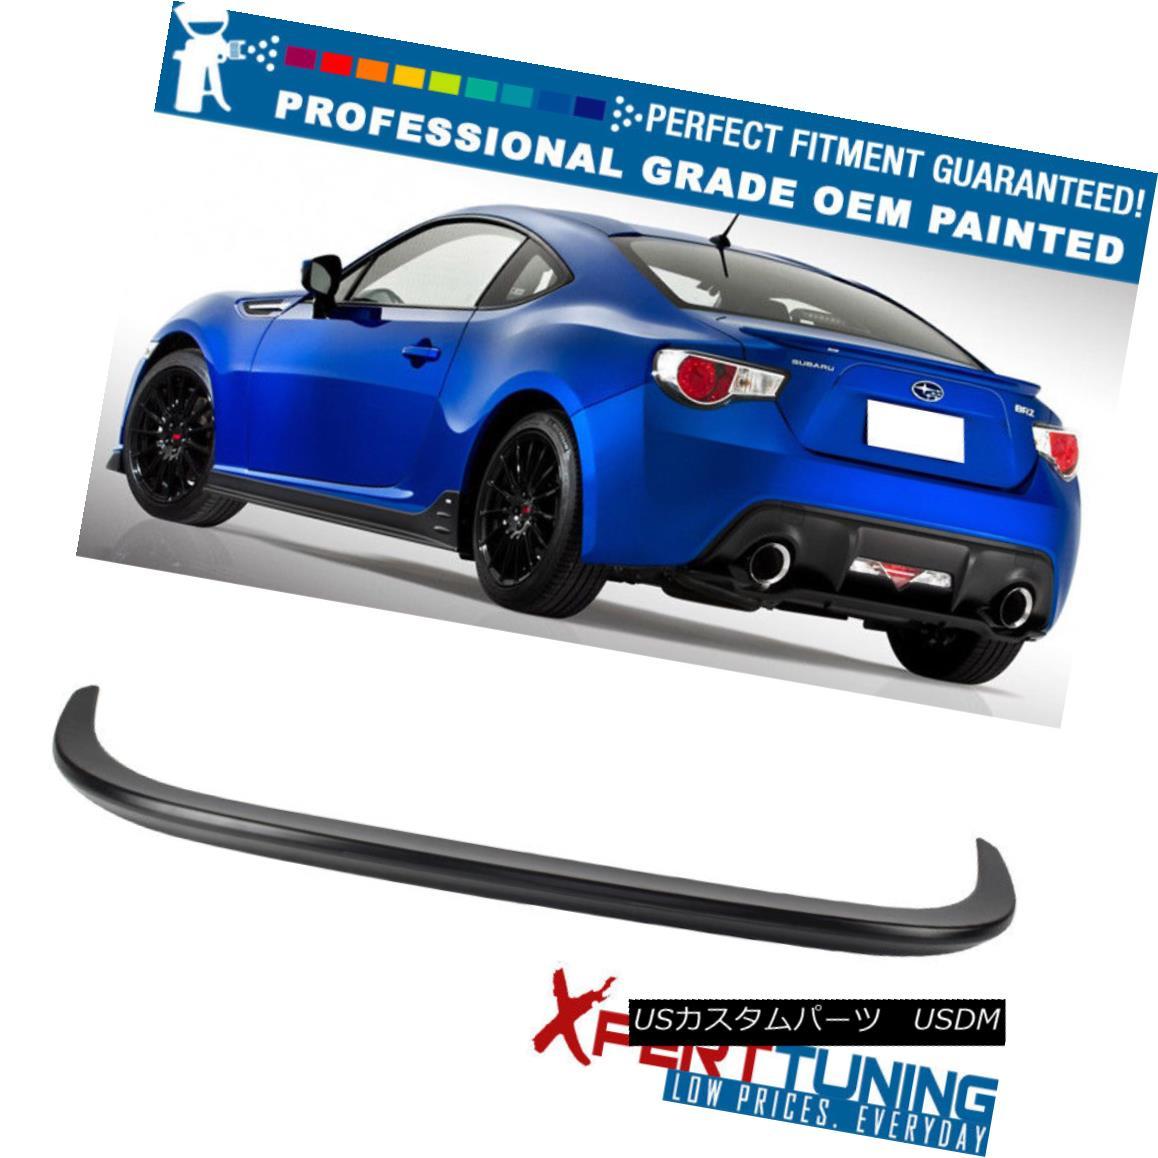 エアロパーツ Fits 13-17 Subaru BRZ Scion FRS GT86 STI JDM Trunk Spoiler - OEM Painted Color フィット13-17スバルBRZサイオンFRS GT86 STI JDMトランクスポイラー - OEM塗装カラー